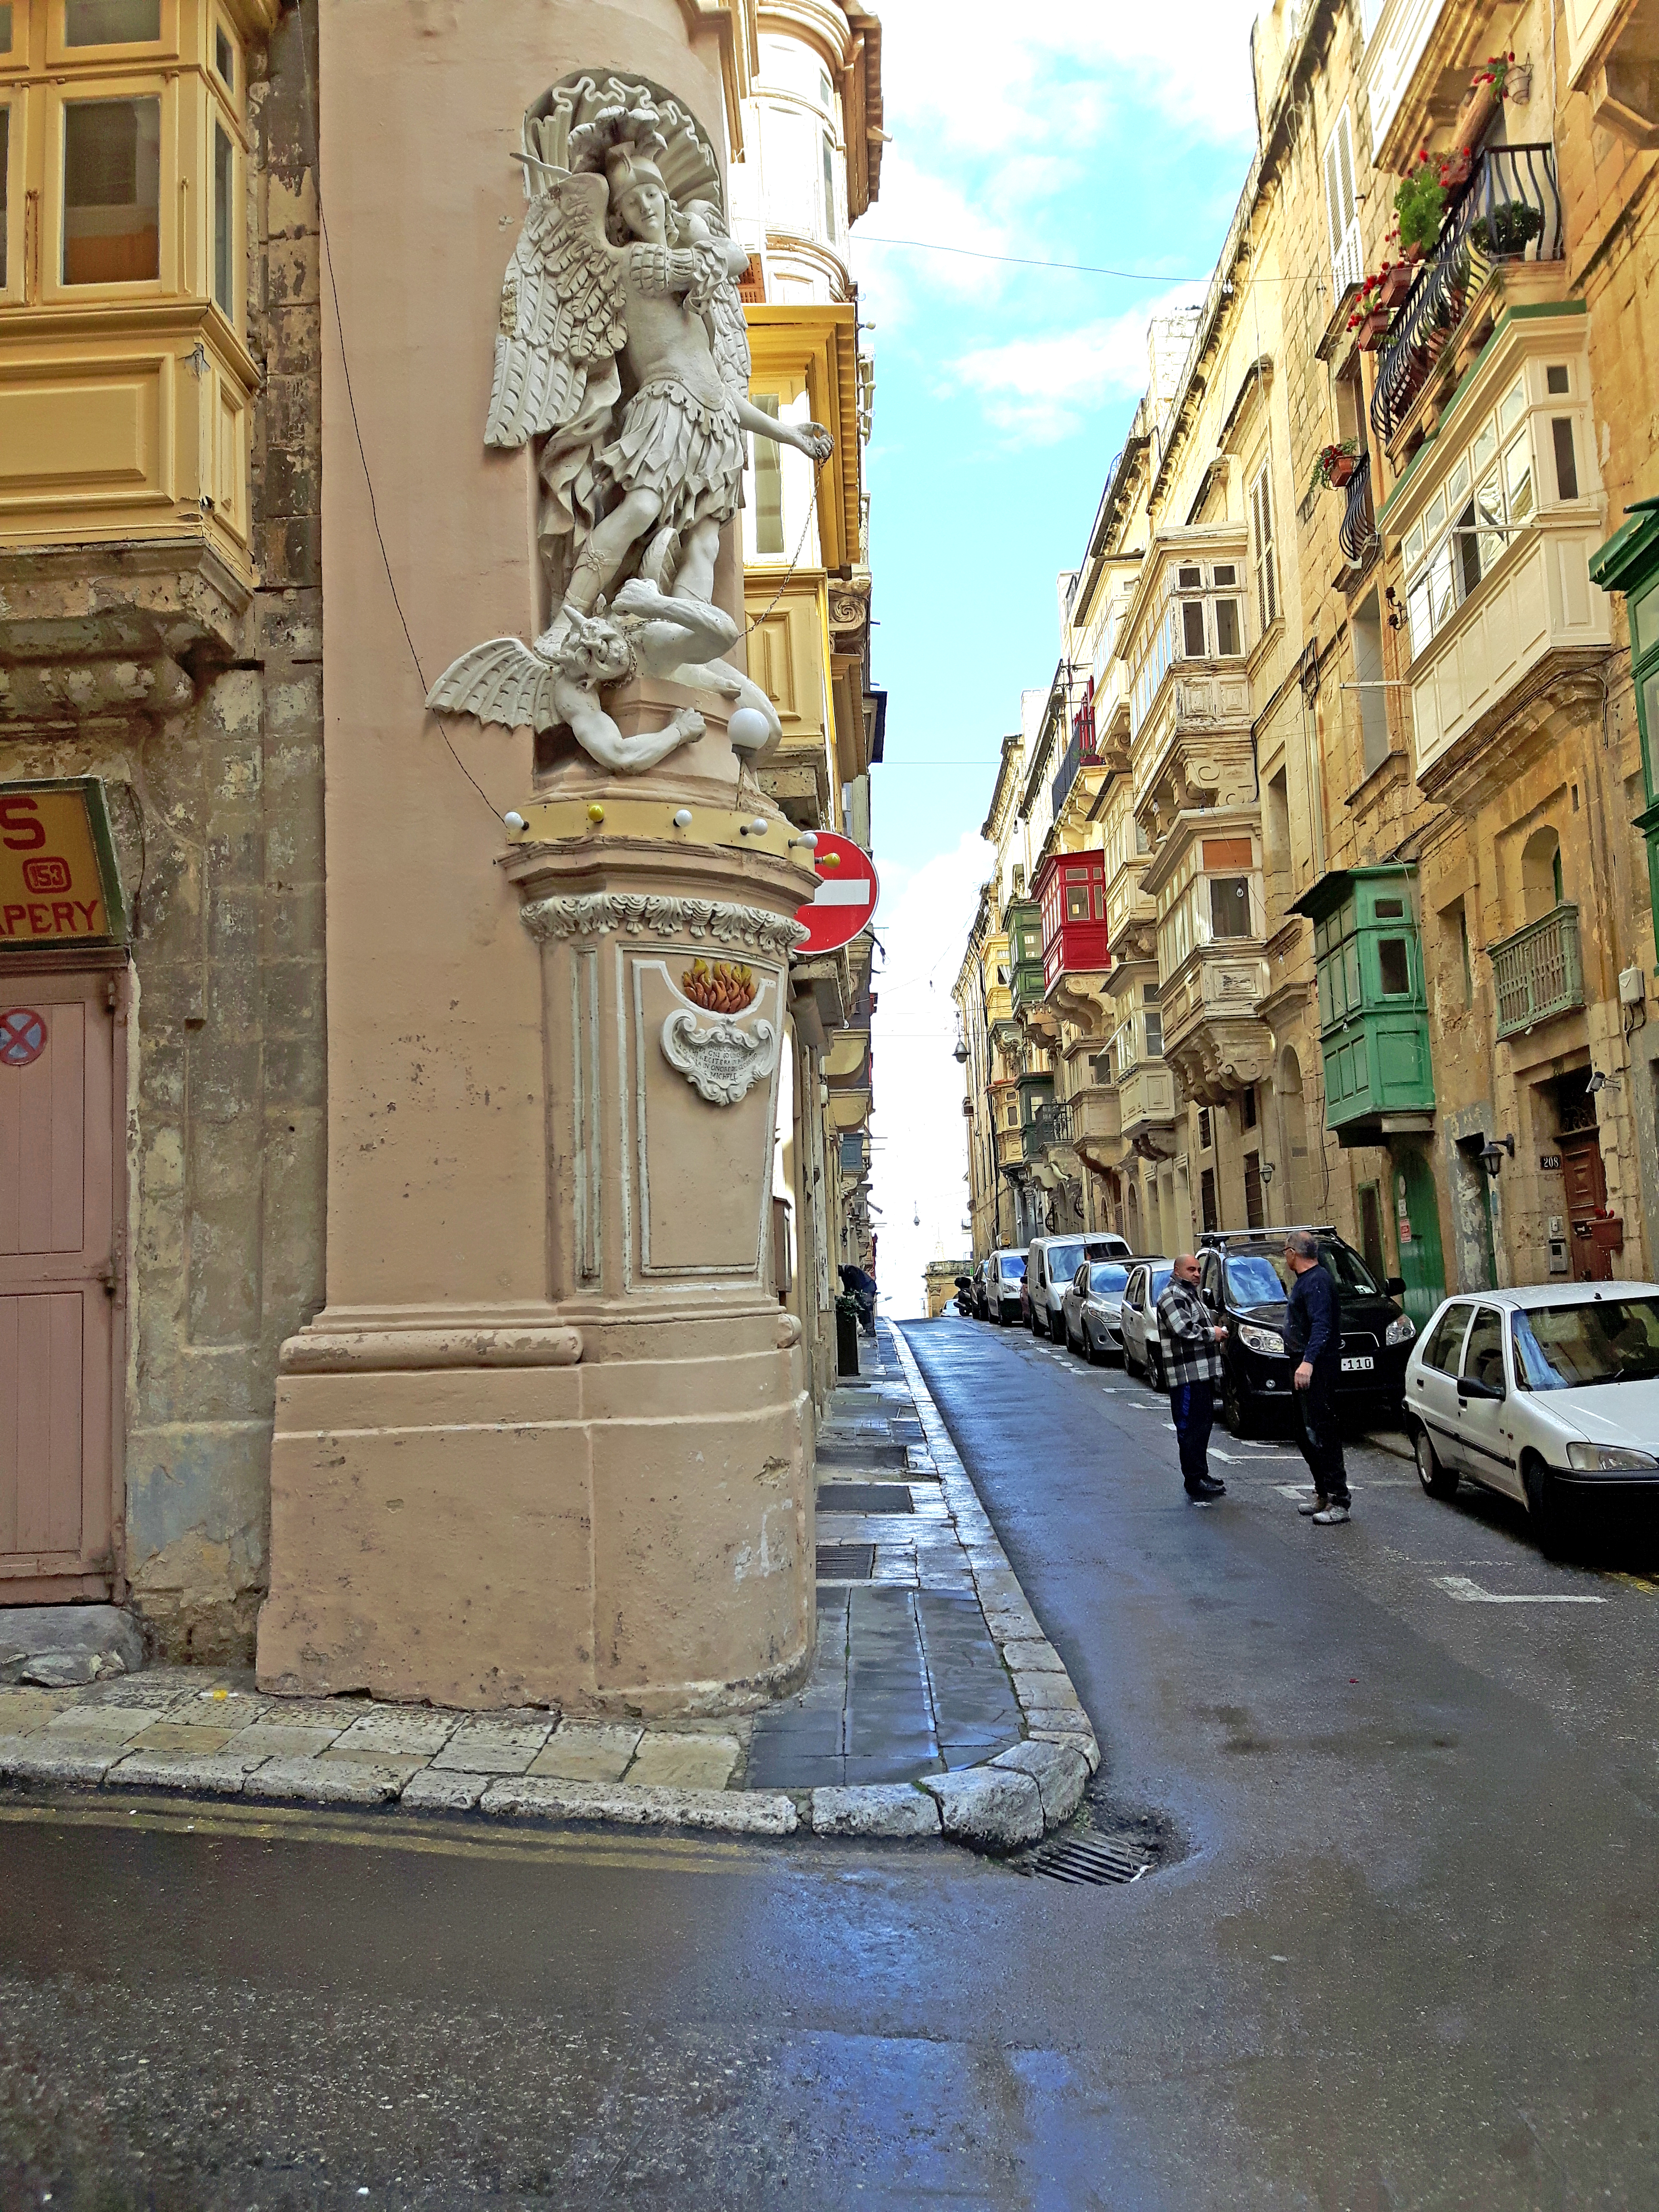 Streets of Valletta_Malta_Europe